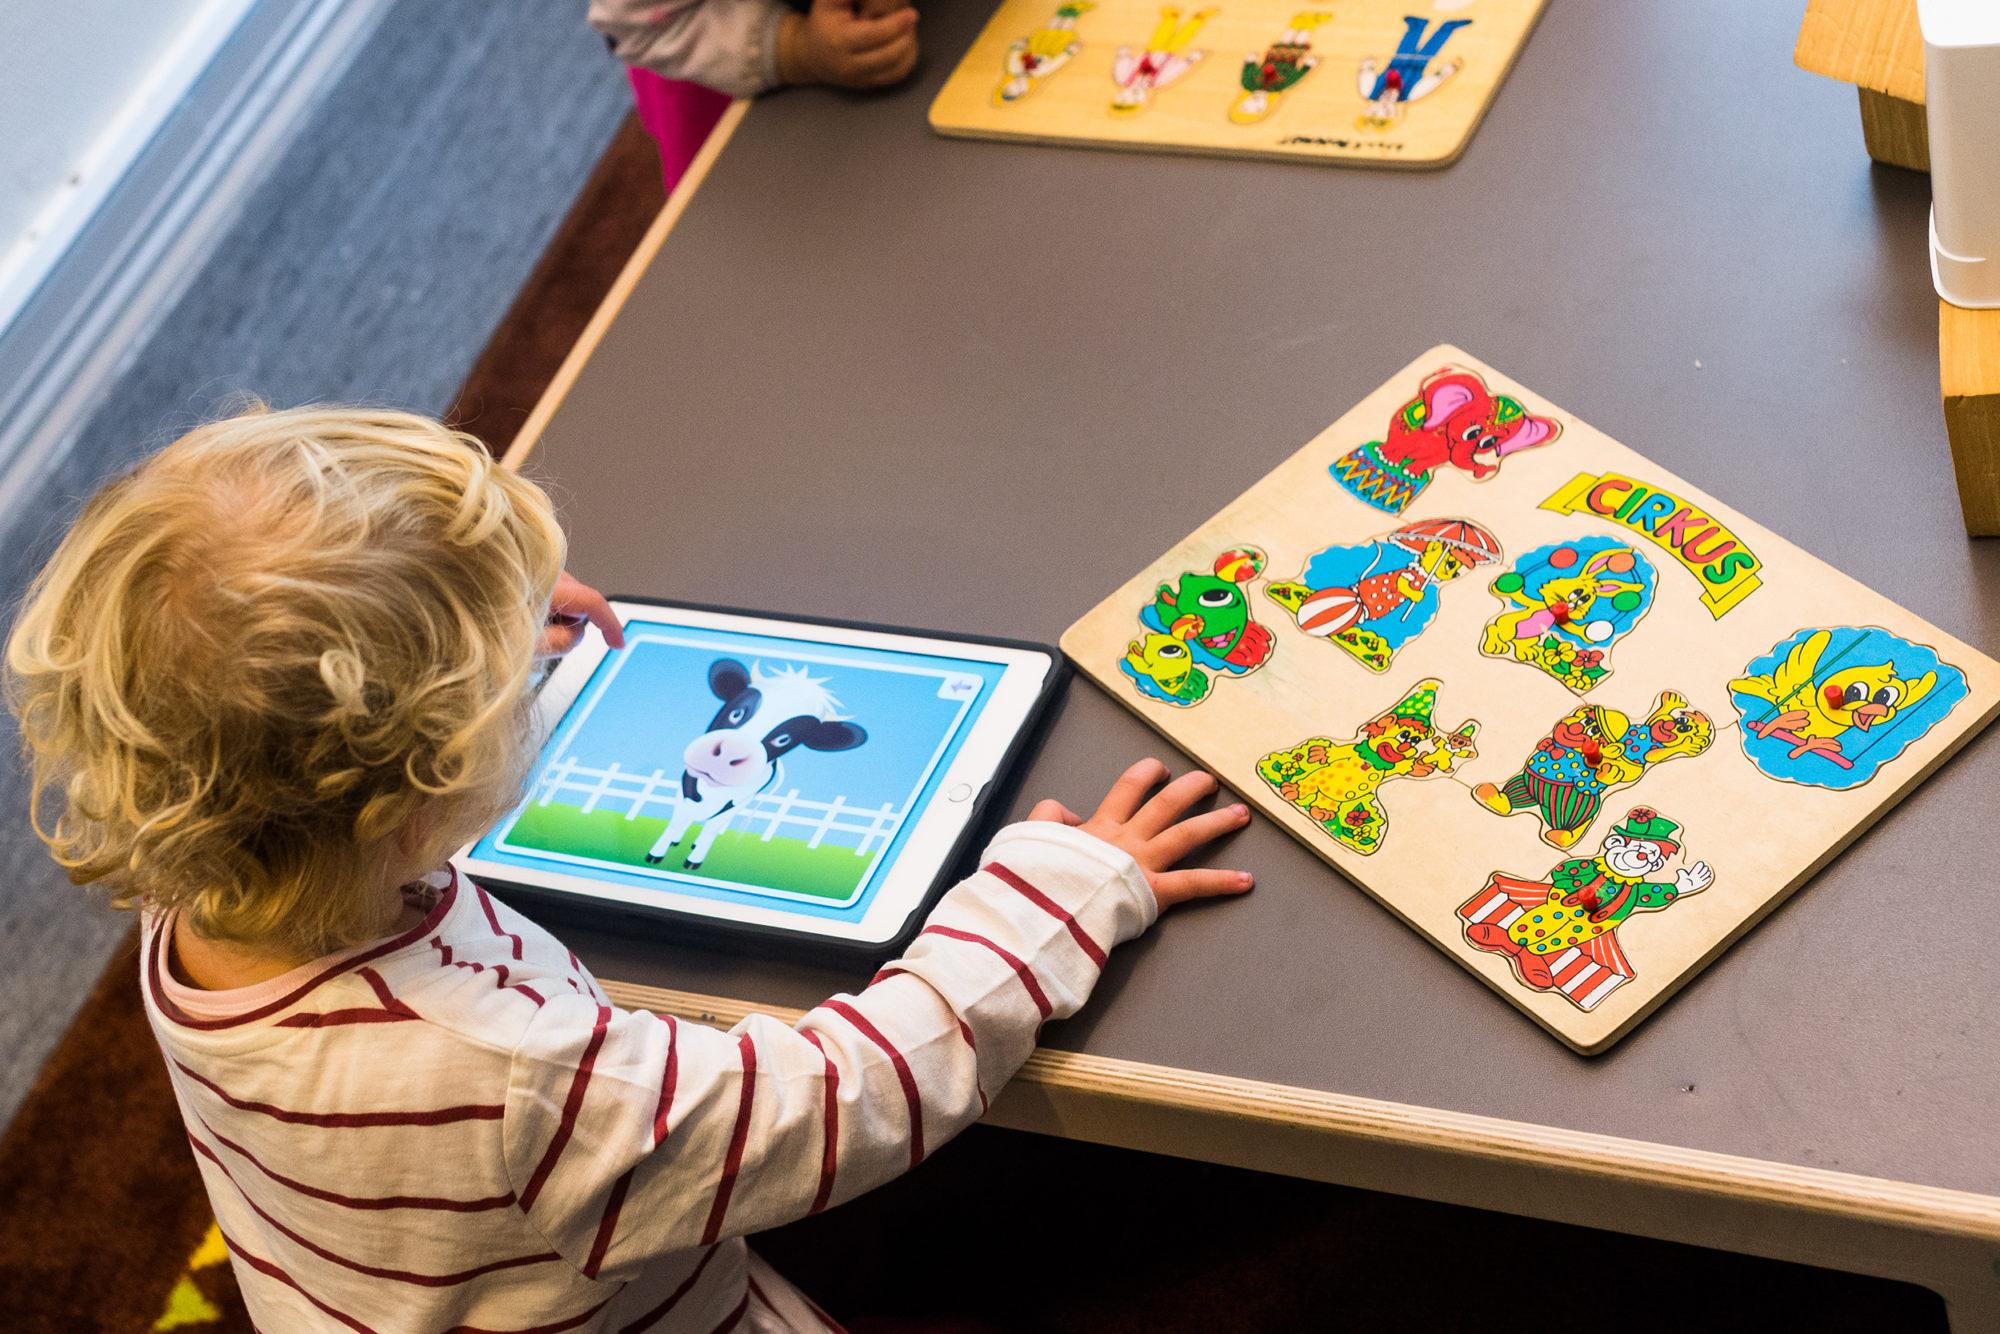 Barnehagebarn med både digitale og analoge leker